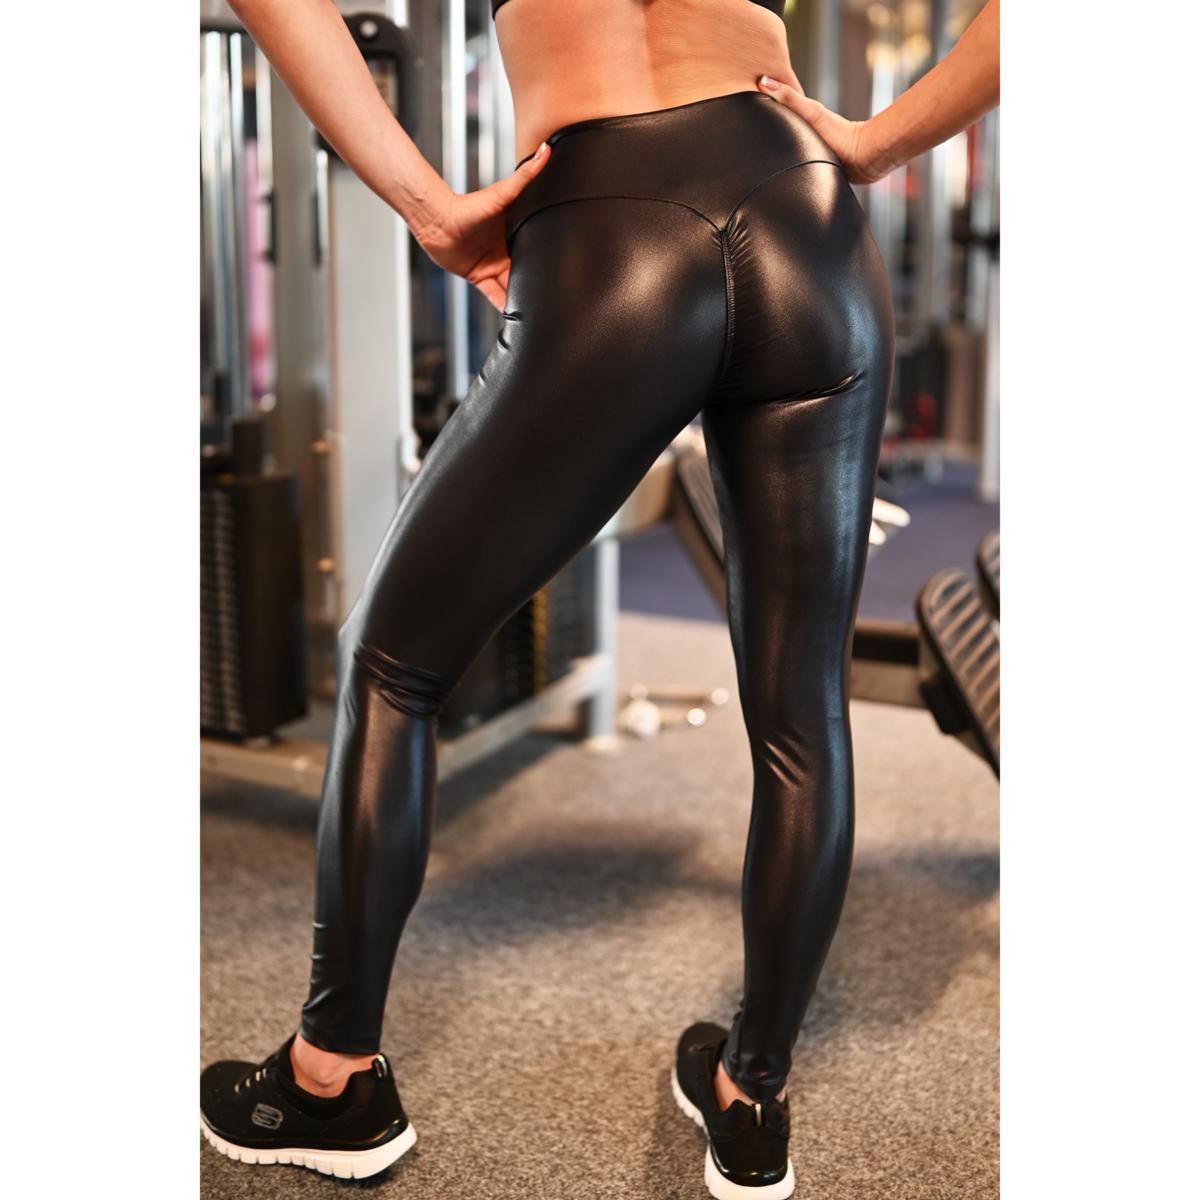 Fekete extra fényes húzott fenekű leggings